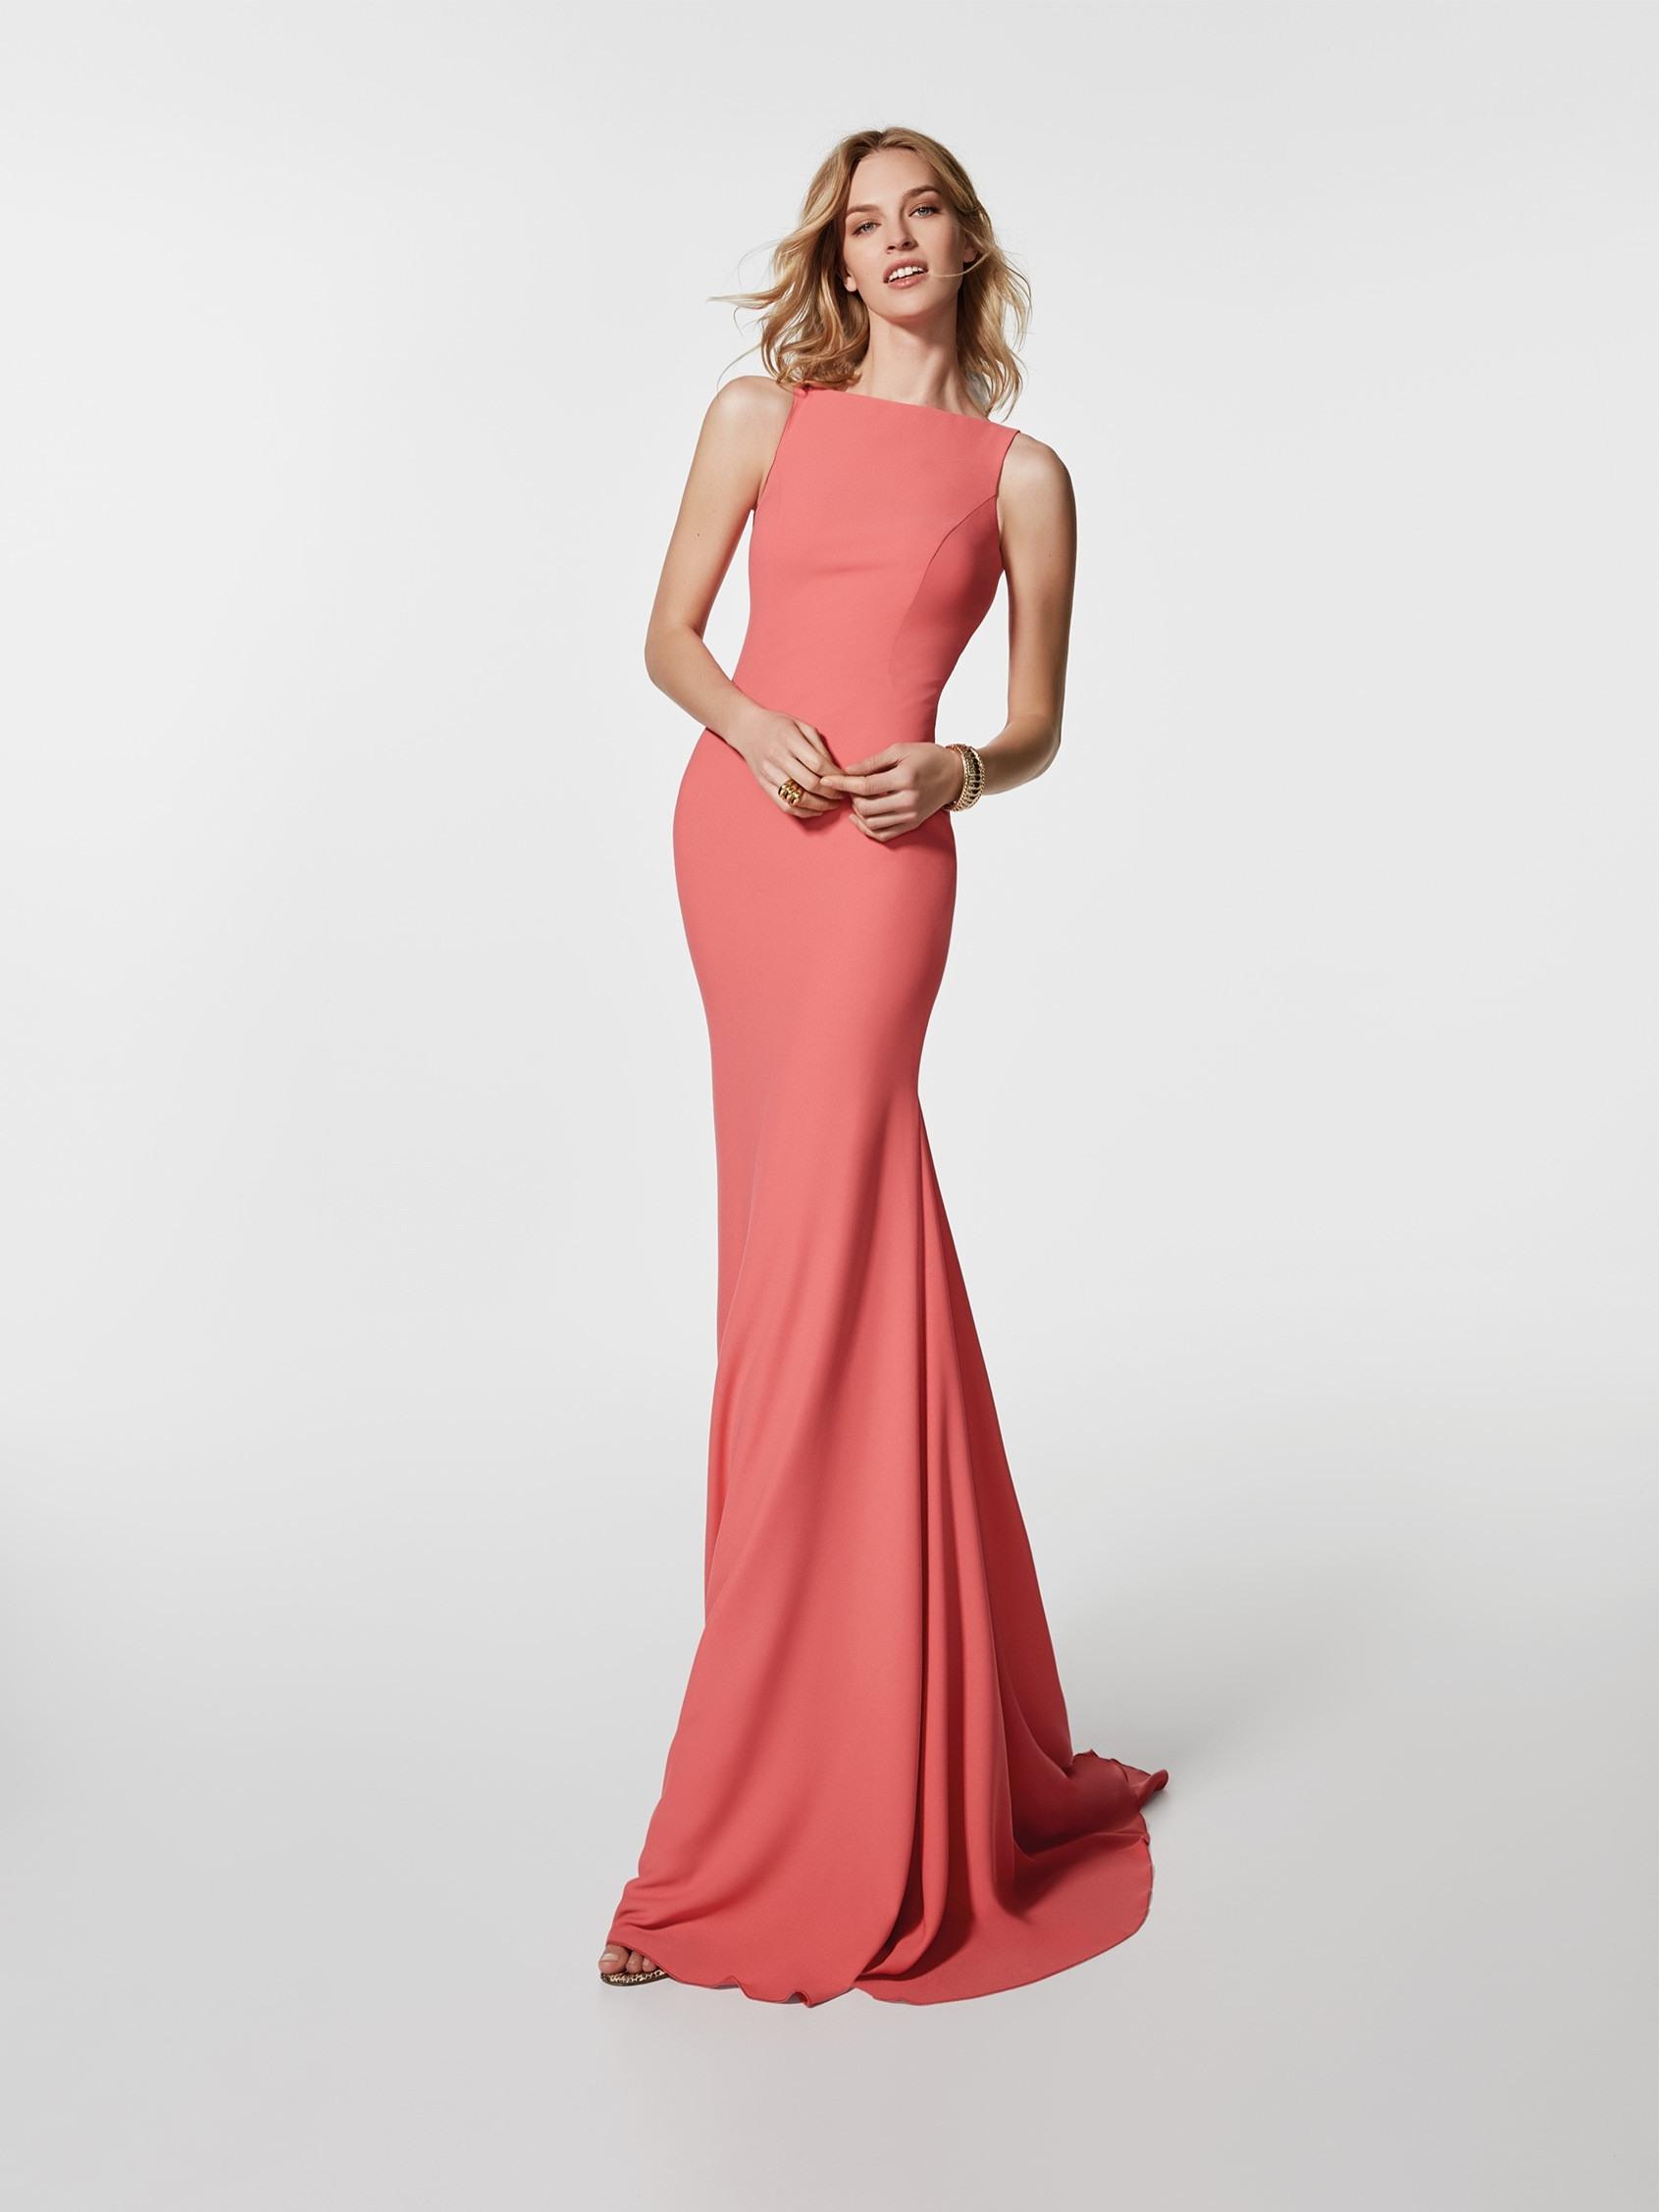 Designer Großartig Abendkleid Rot Ärmel10 Genial Abendkleid Rot Ärmel